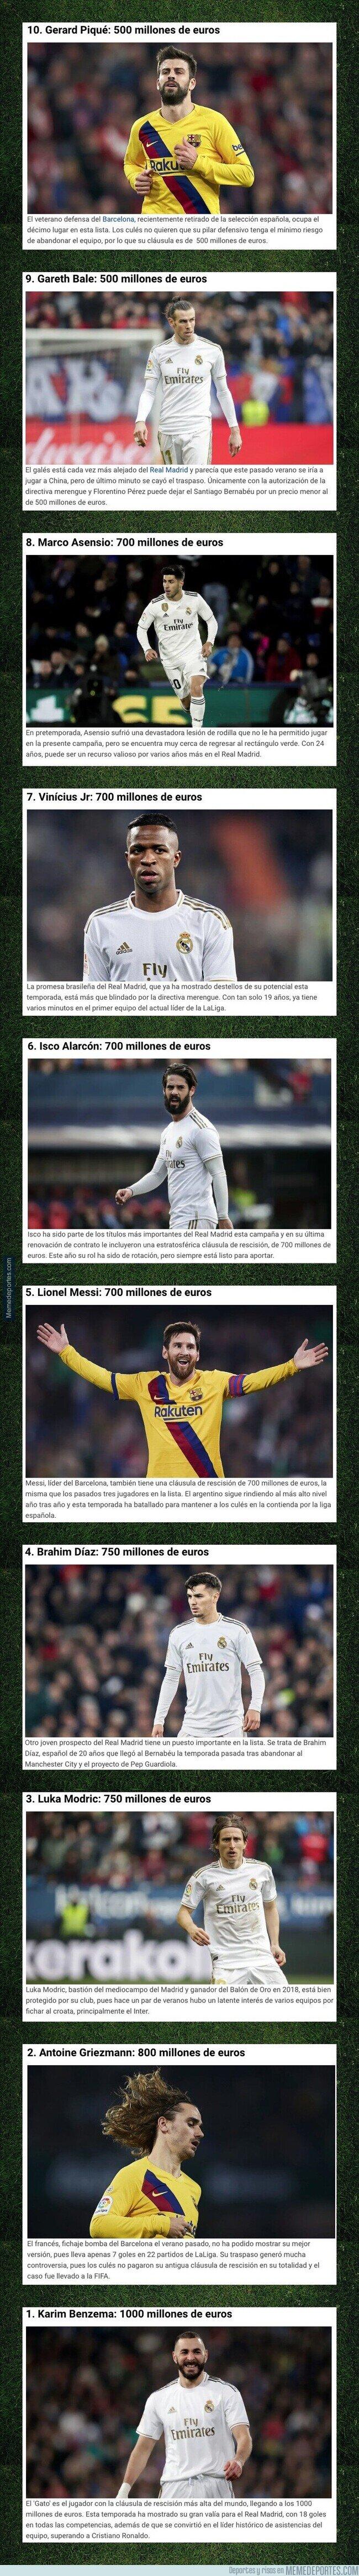 1098316 - Alucina con esto: Los 10 jugadores con las cláusulas de rescisión más altas del fútbol